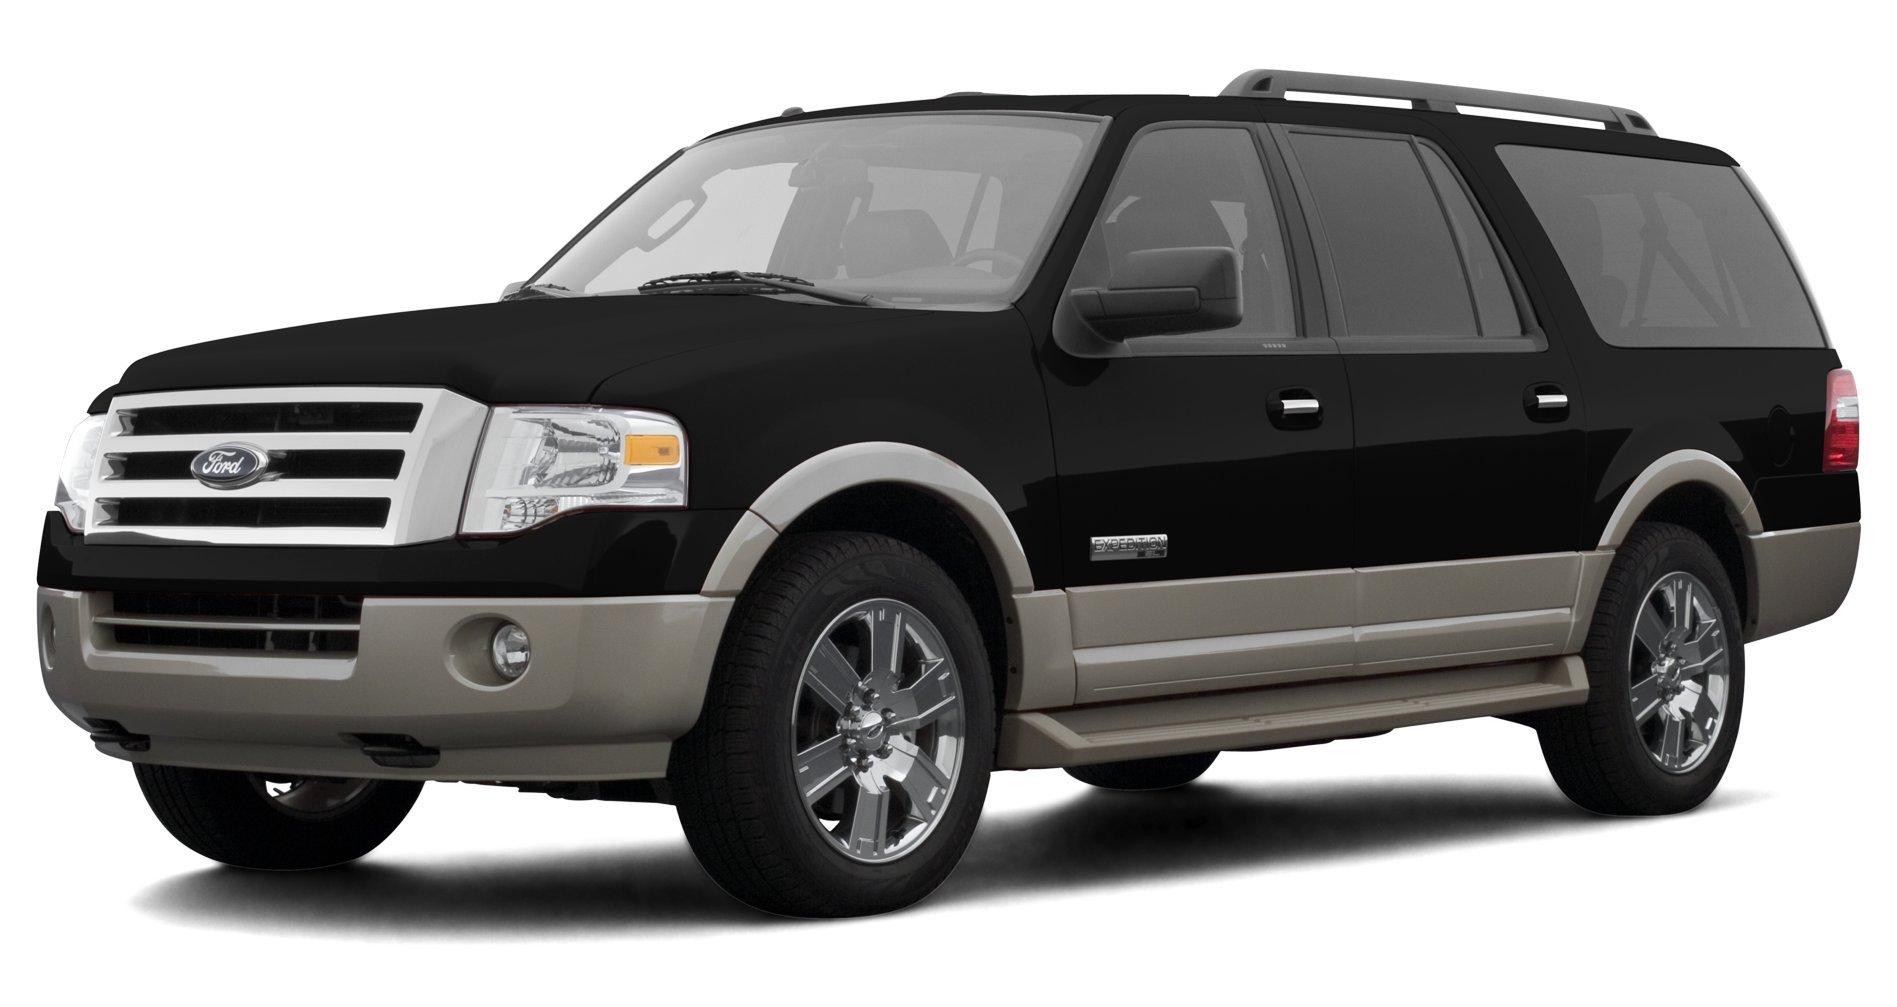 2007 ford expedition eddie bauer 2 wheel drive 4 door